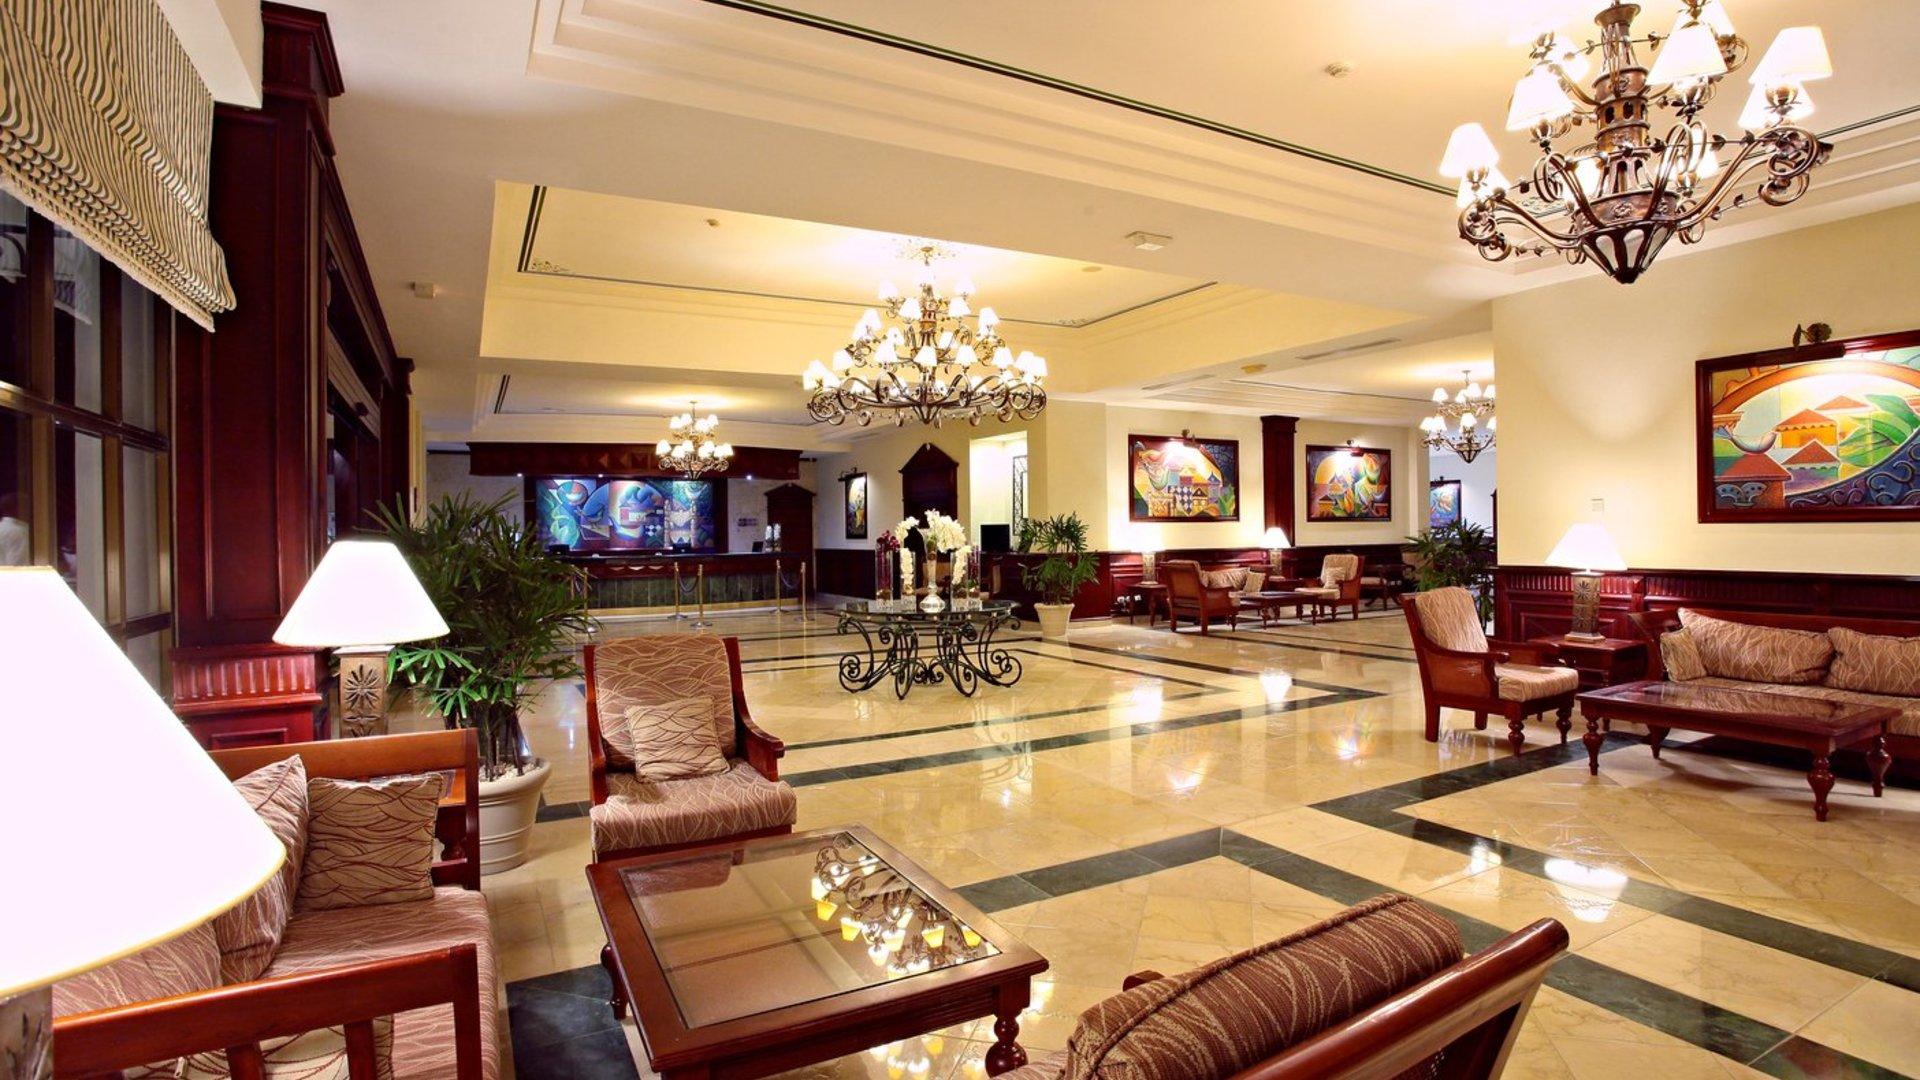 Персонал гостиницы тщательно следит за чистотой